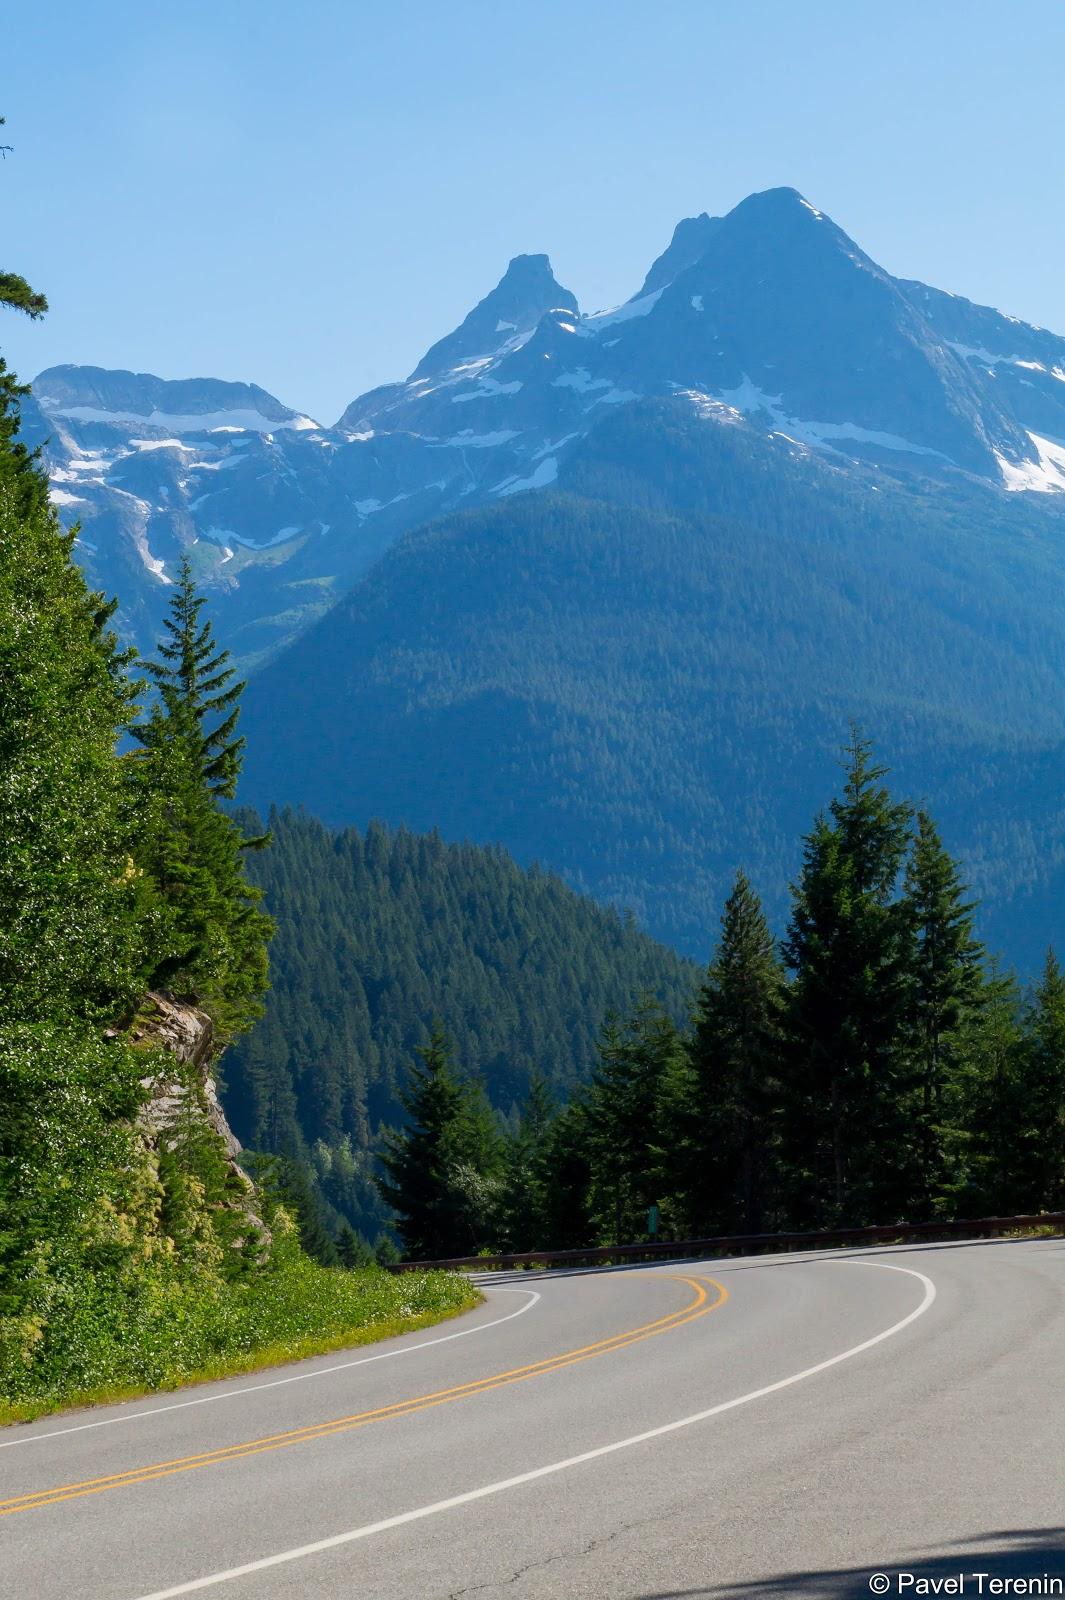 Продолжаем поездку по одному из самых красивых шоссе в мире.